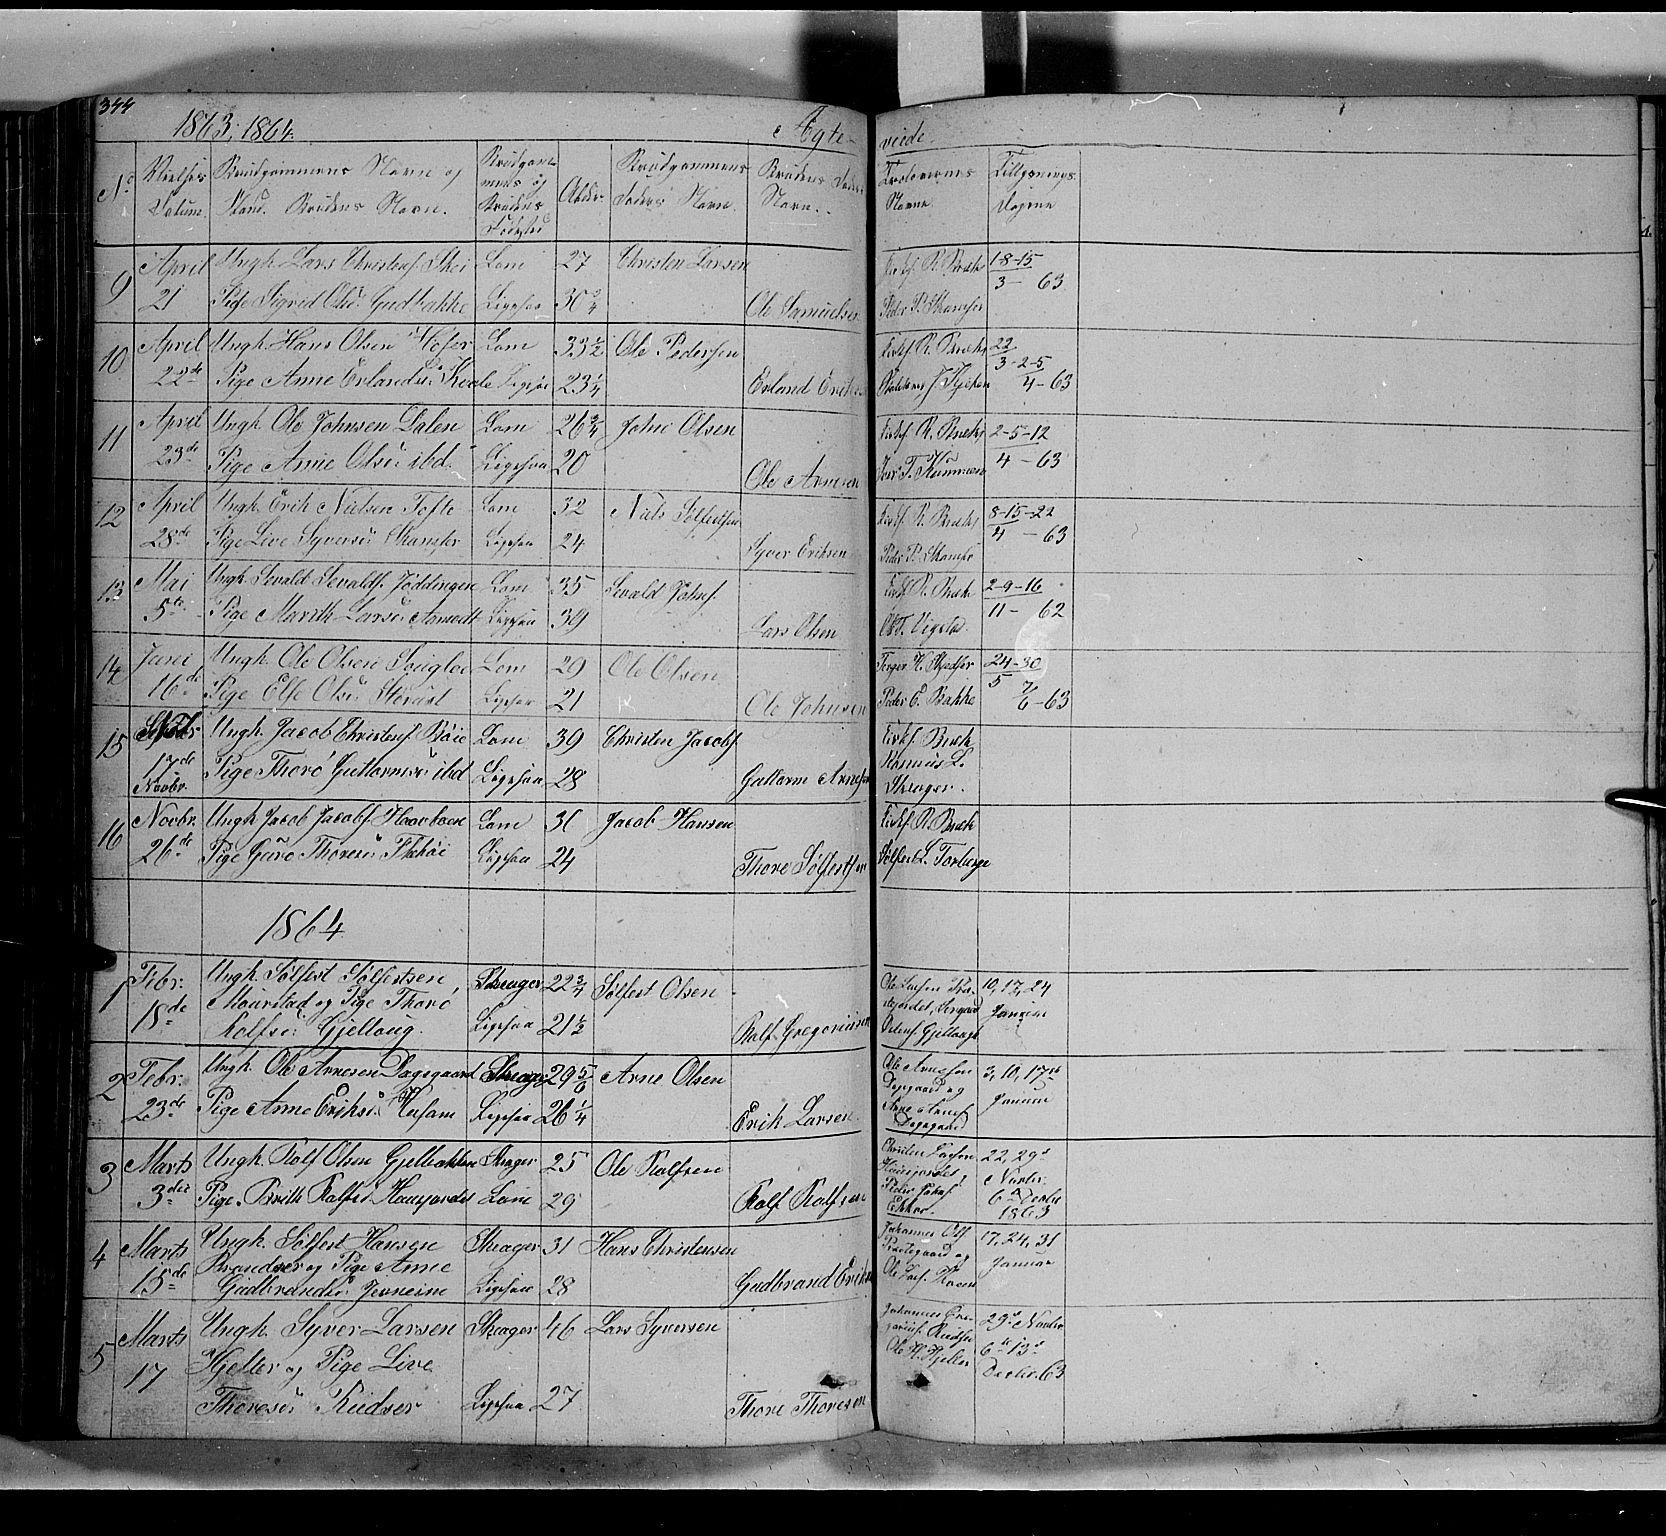 SAH, Lom prestekontor, L/L0004: Klokkerbok nr. 4, 1845-1864, s. 344-345